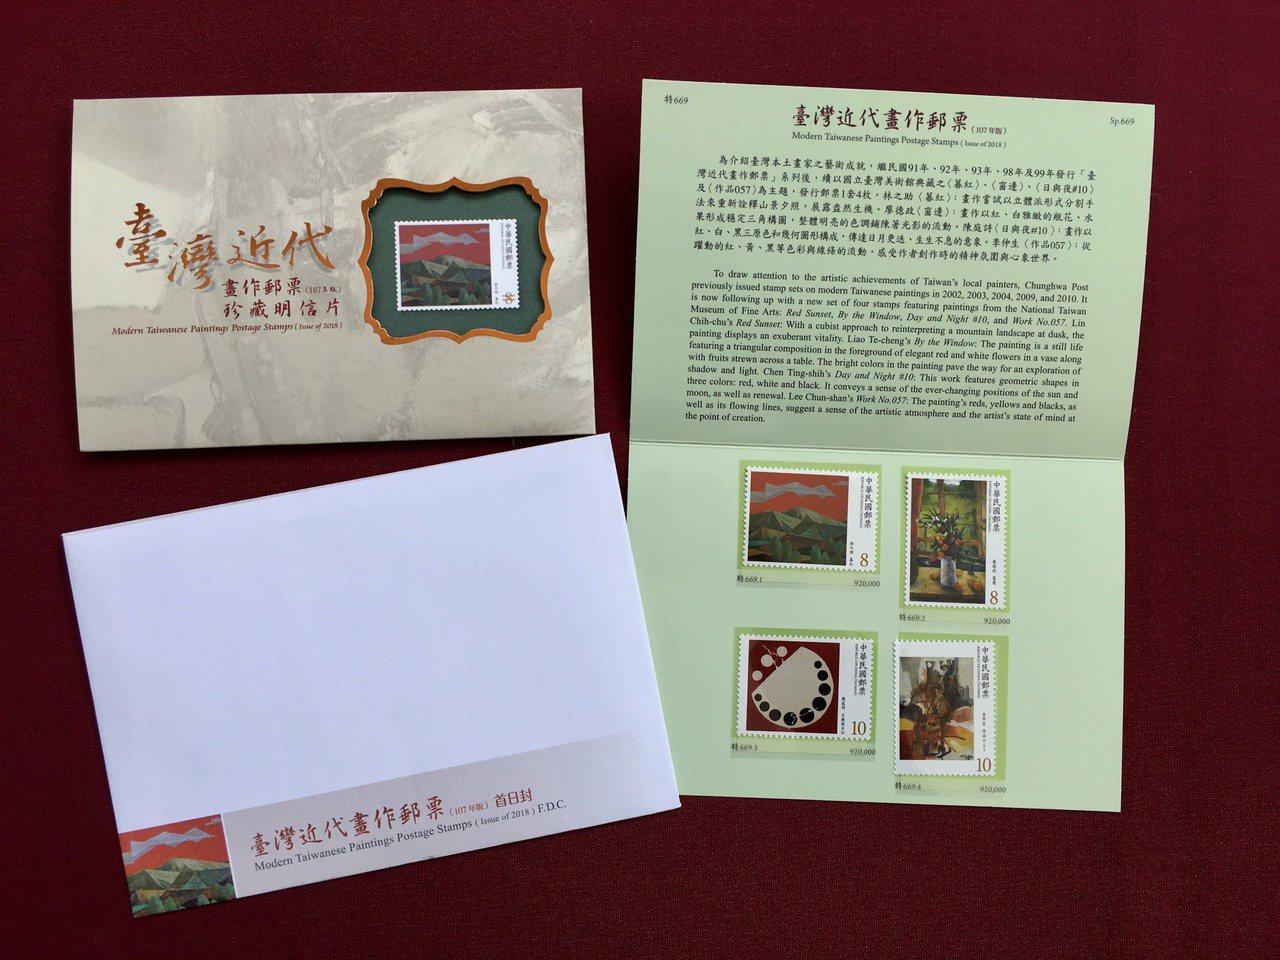 中華郵政首度精選國美館典藏作品推出「台灣近代畫作郵票(107年版)」。圖/國美館...